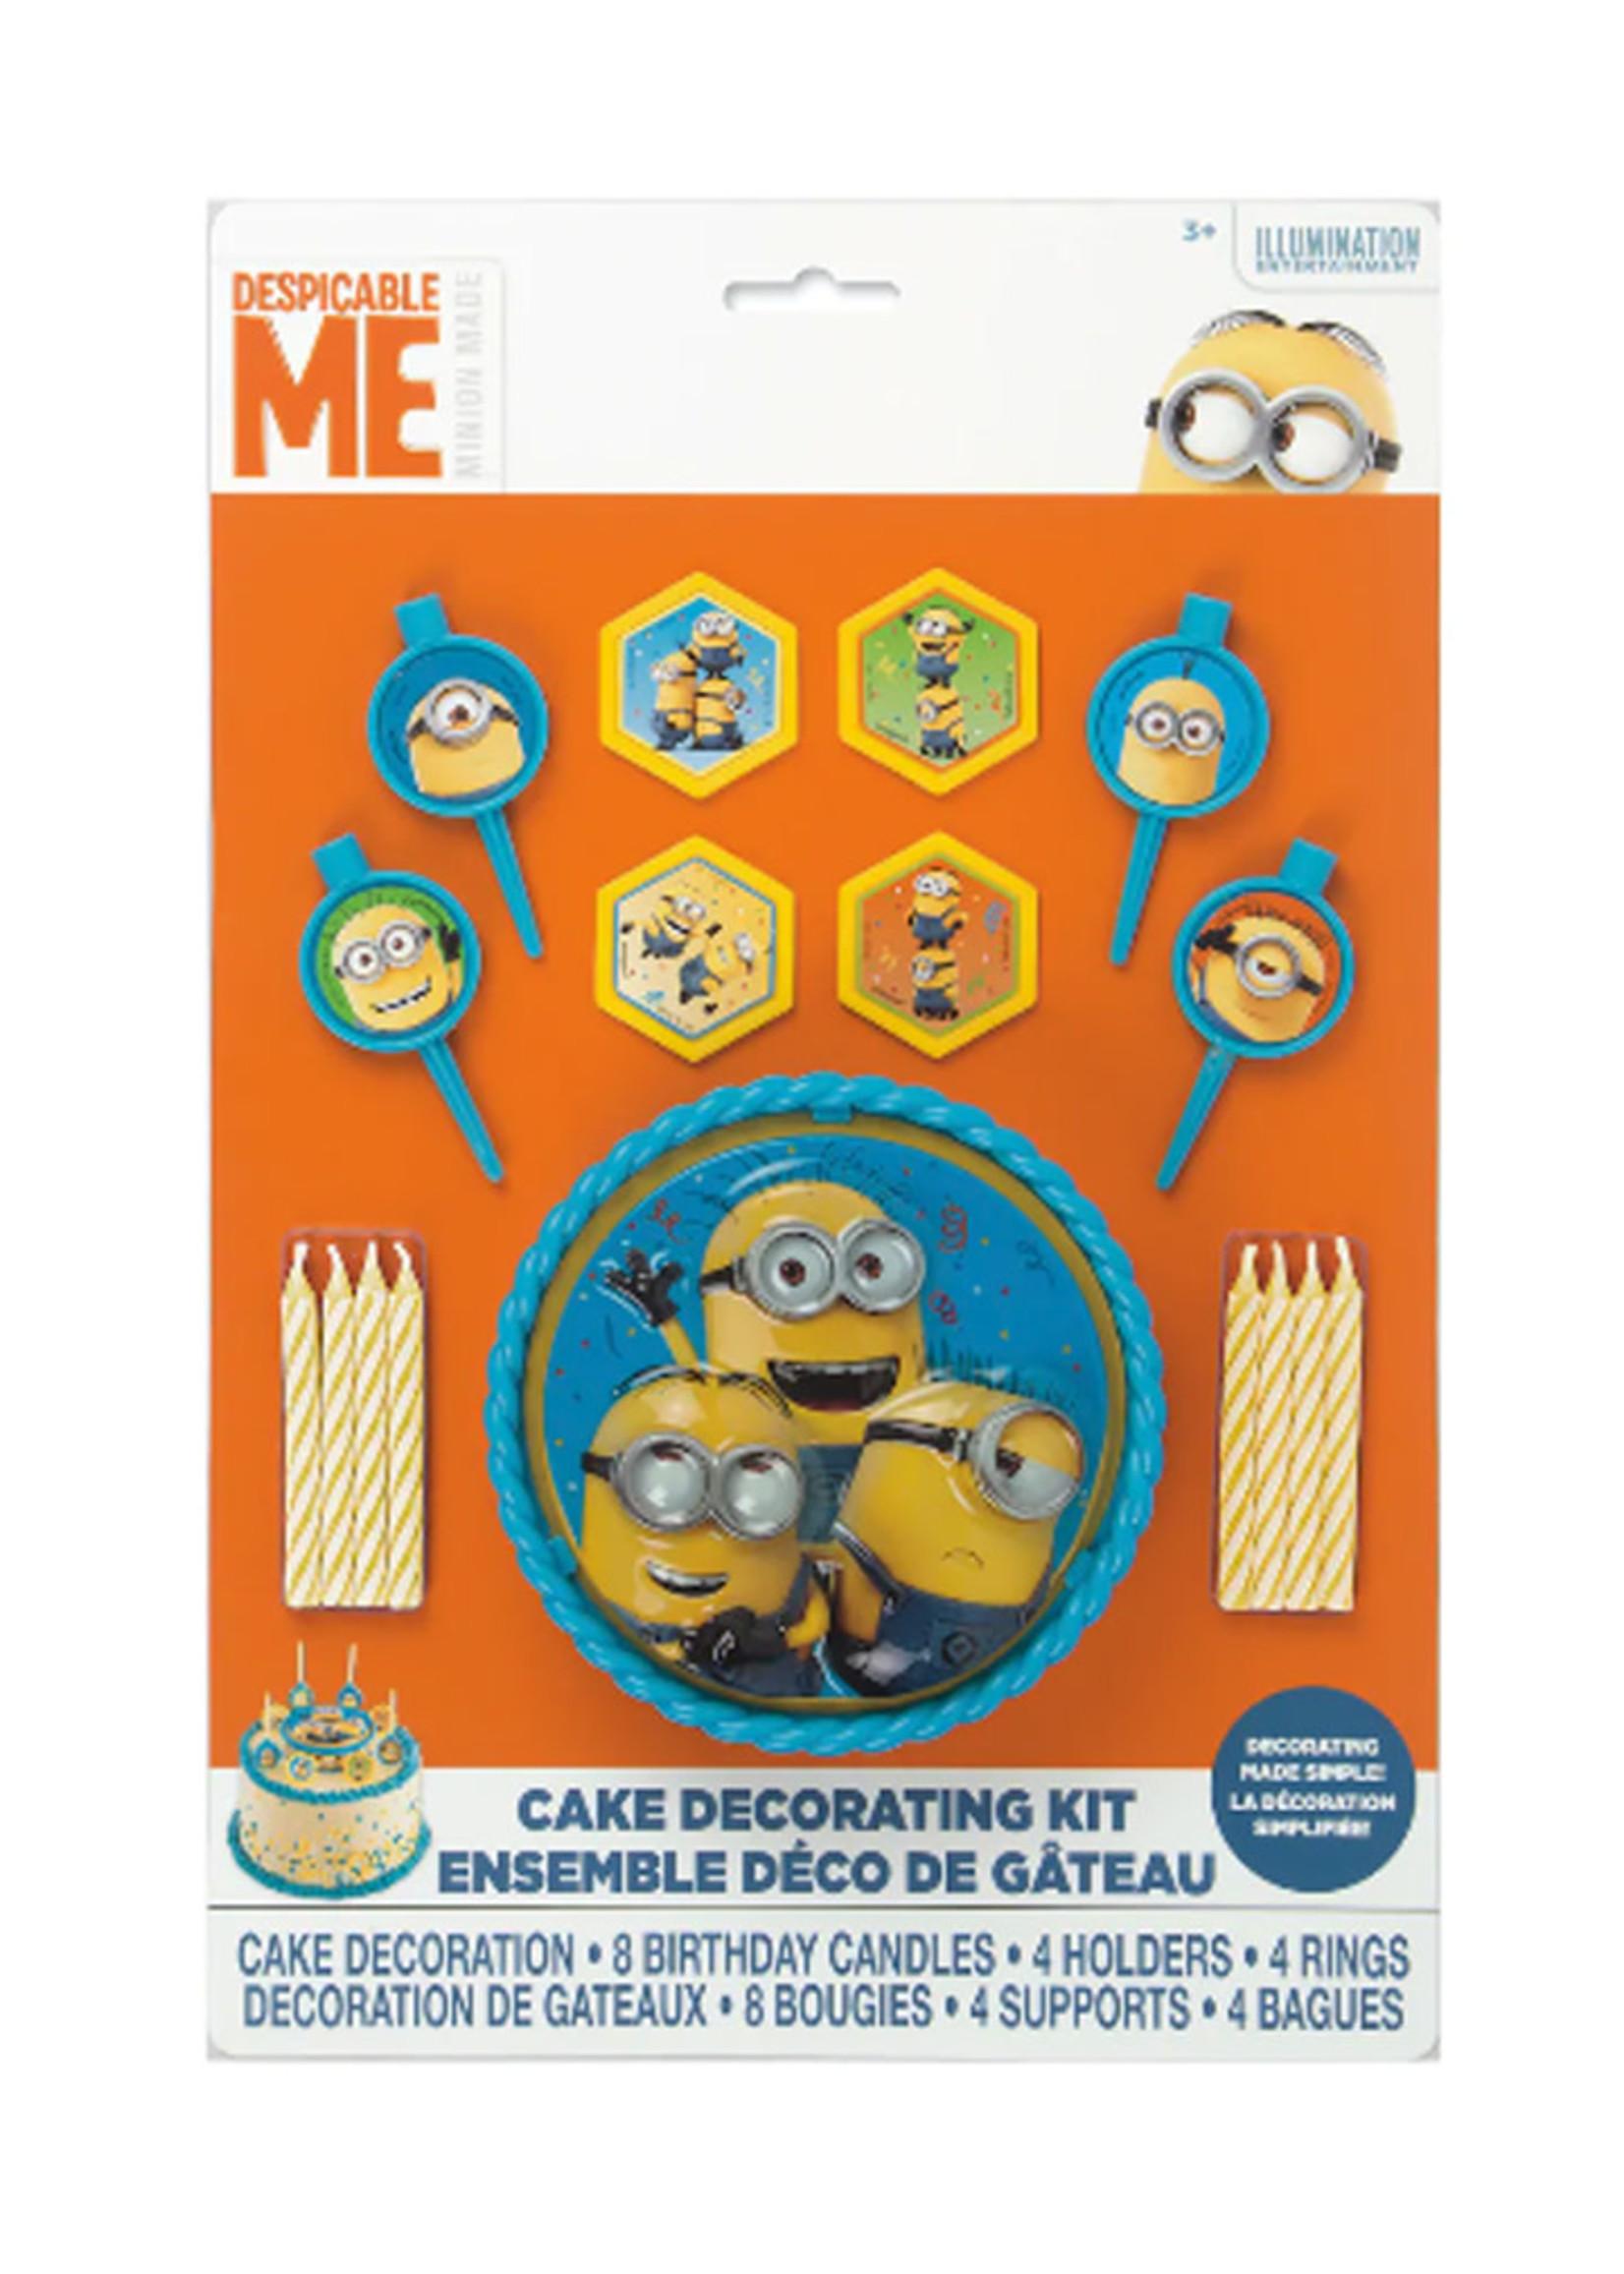 UNIQUE INDUSTRIES INC Despicable Me Minions Cake Decorating Kit